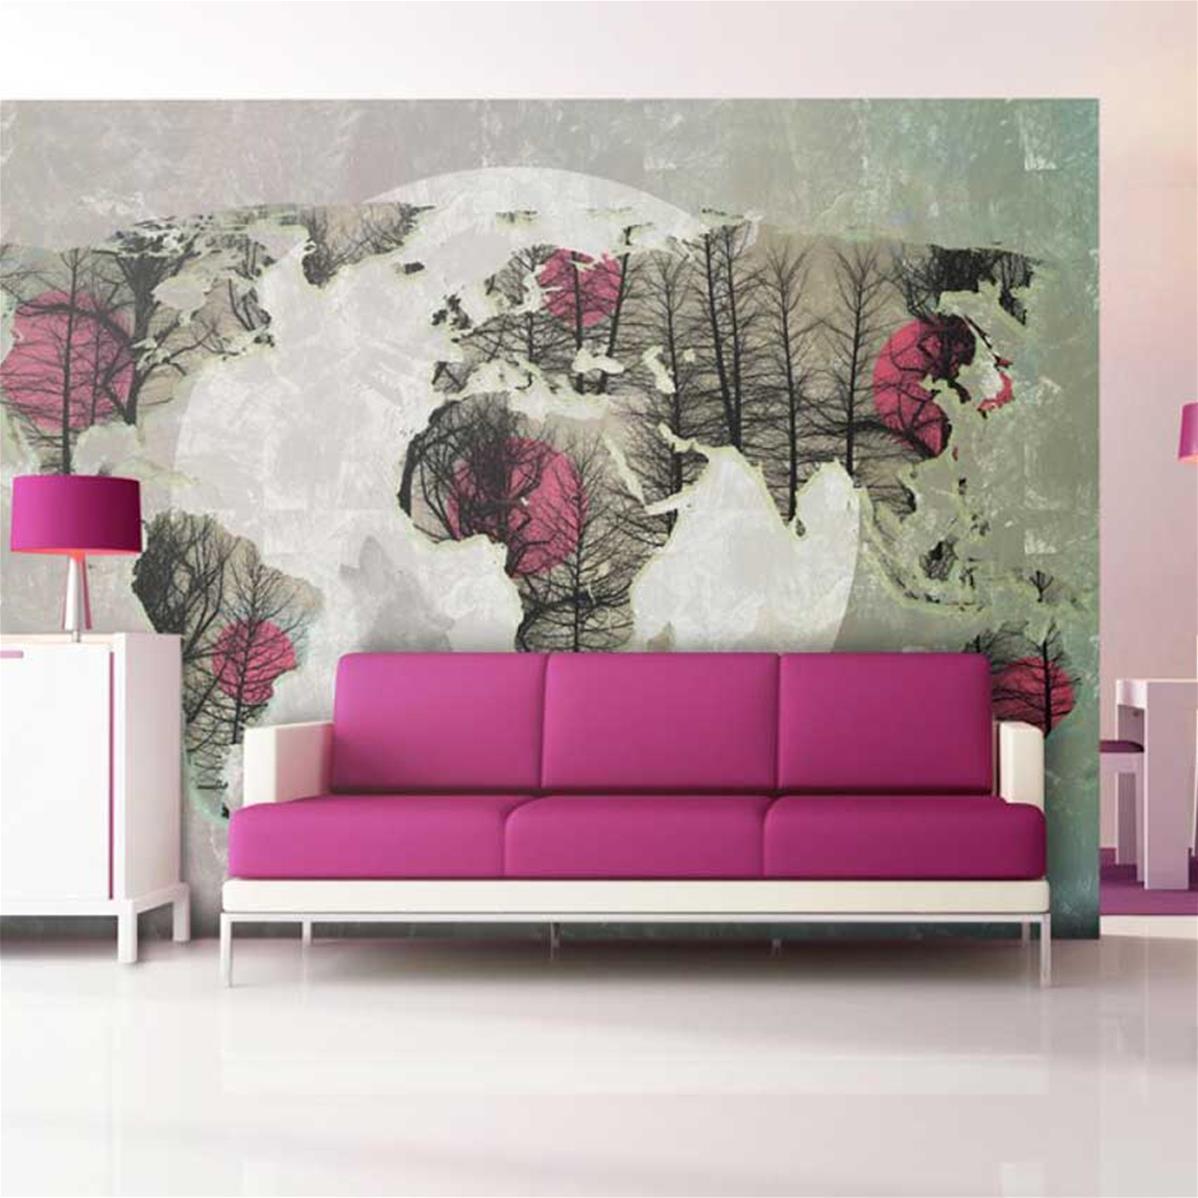 Papier peint panoramique chambre, papier peint chambre adulte   Muraem